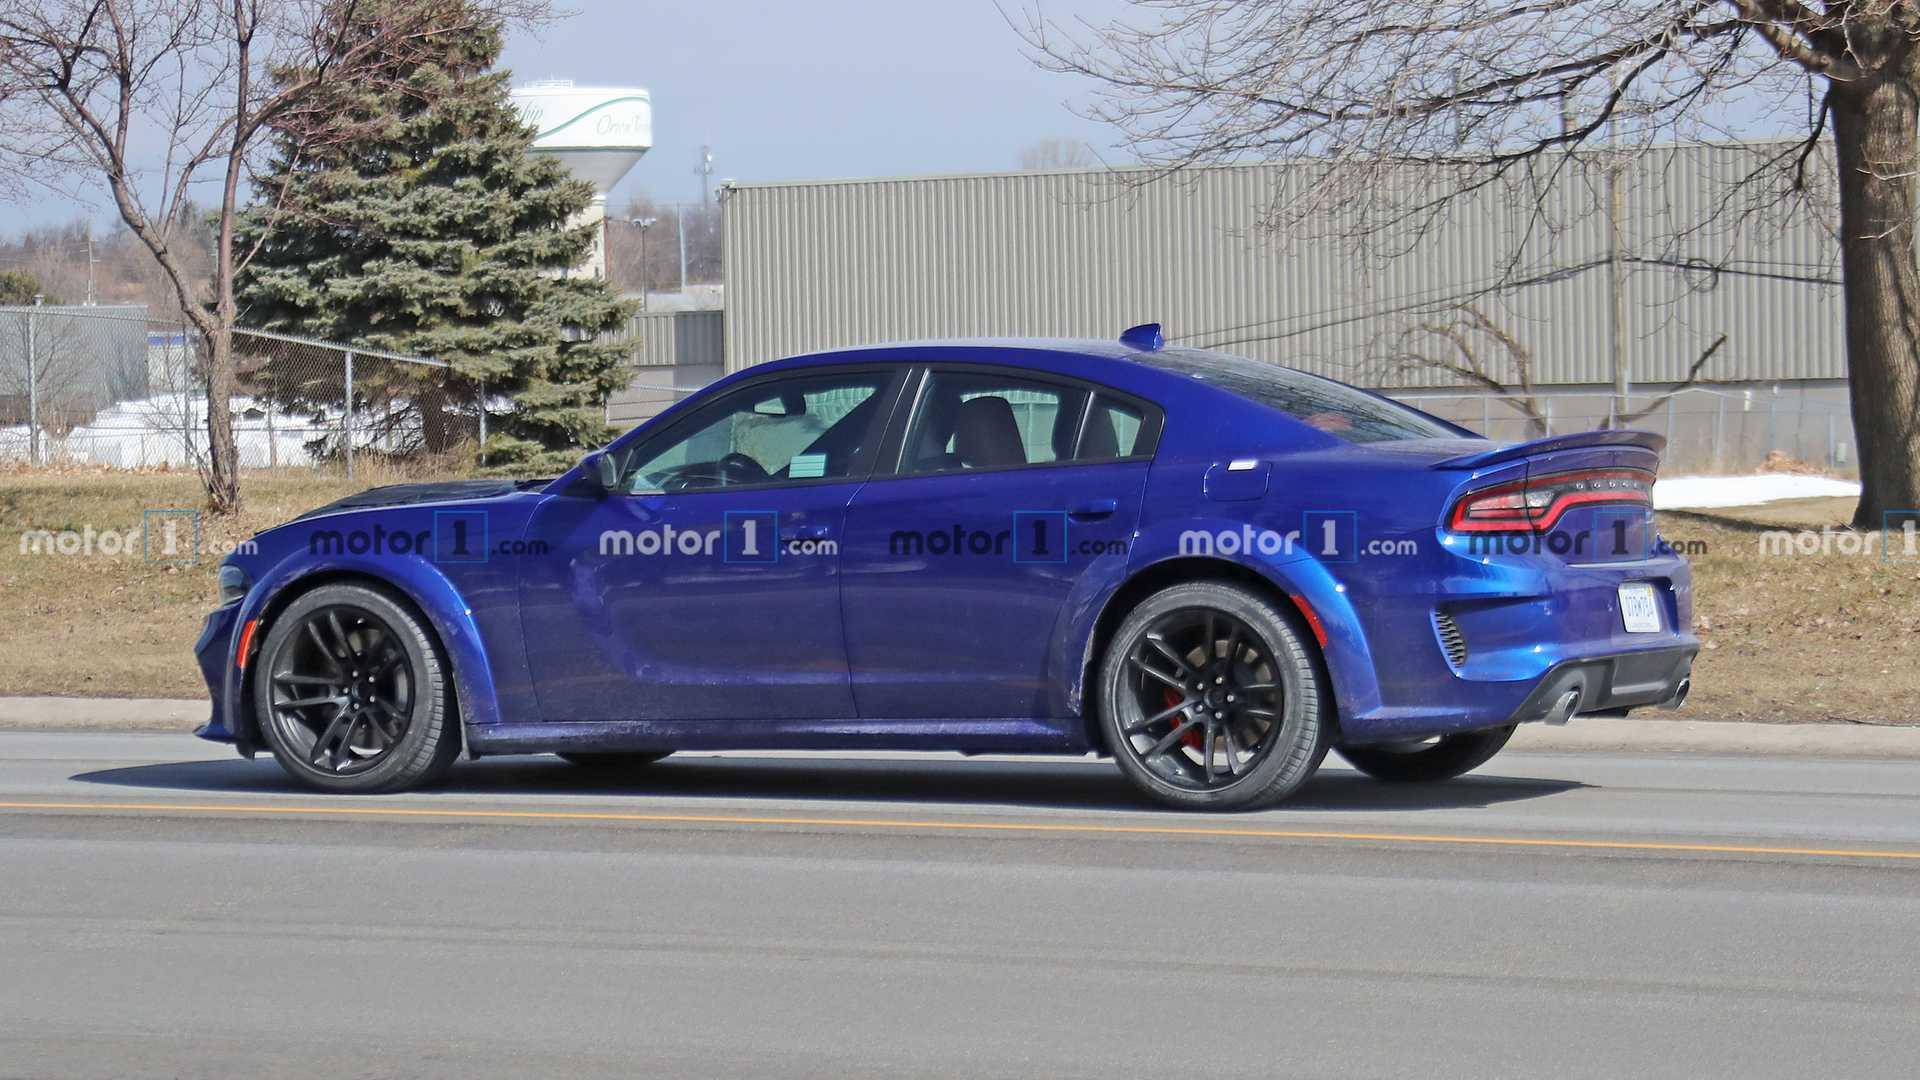 В сети появились первые снимки Dodge Charger в мощной версии SRT Hellcat Redeye